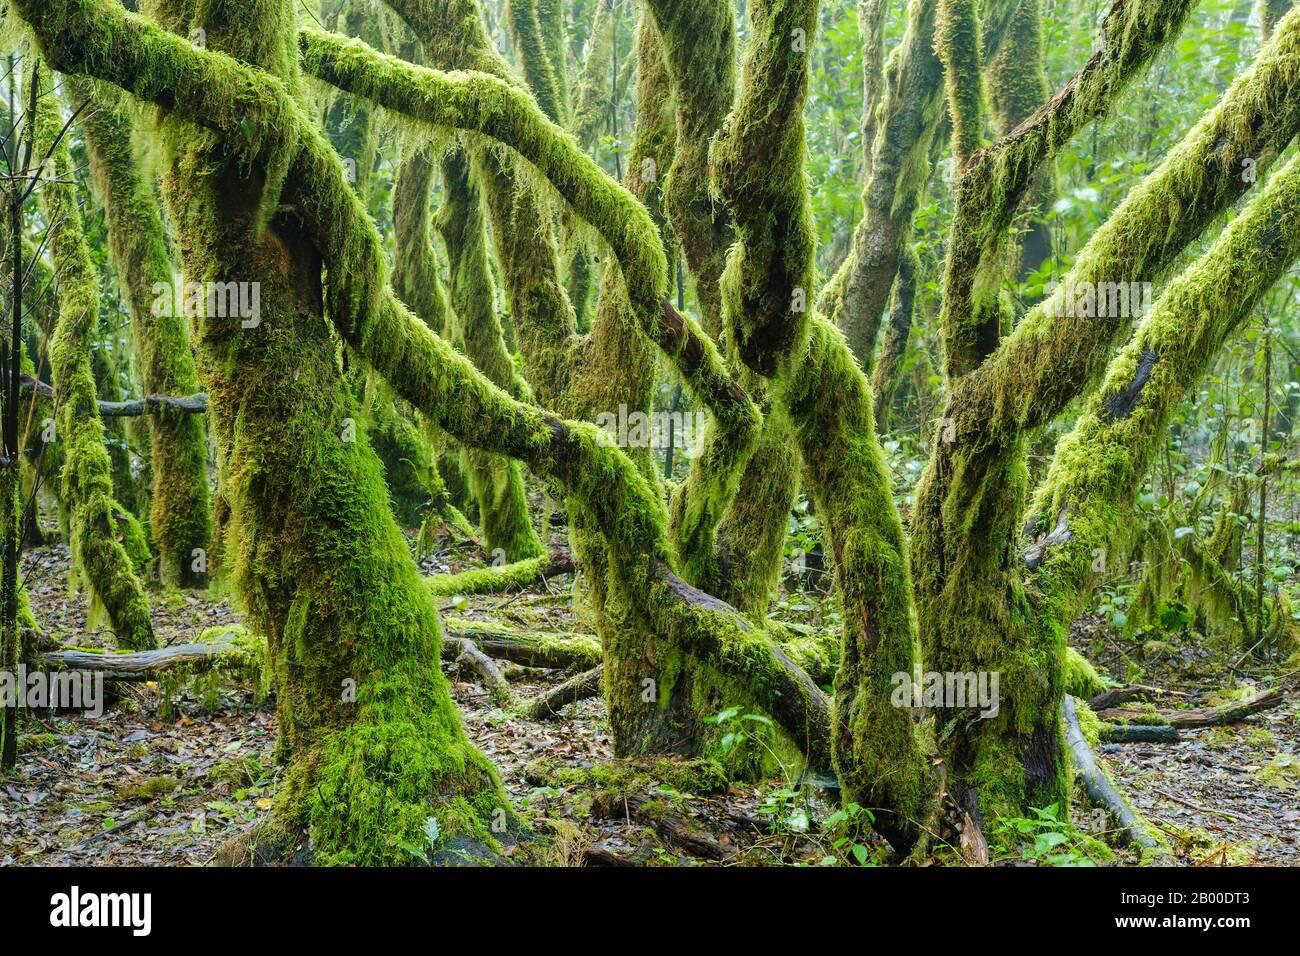 Mit Moos bedeckte Bäume in Nebelwald, Nationalpark Garajonay, La Gomera, Kanarische Inseln, Spanien Stockfoto